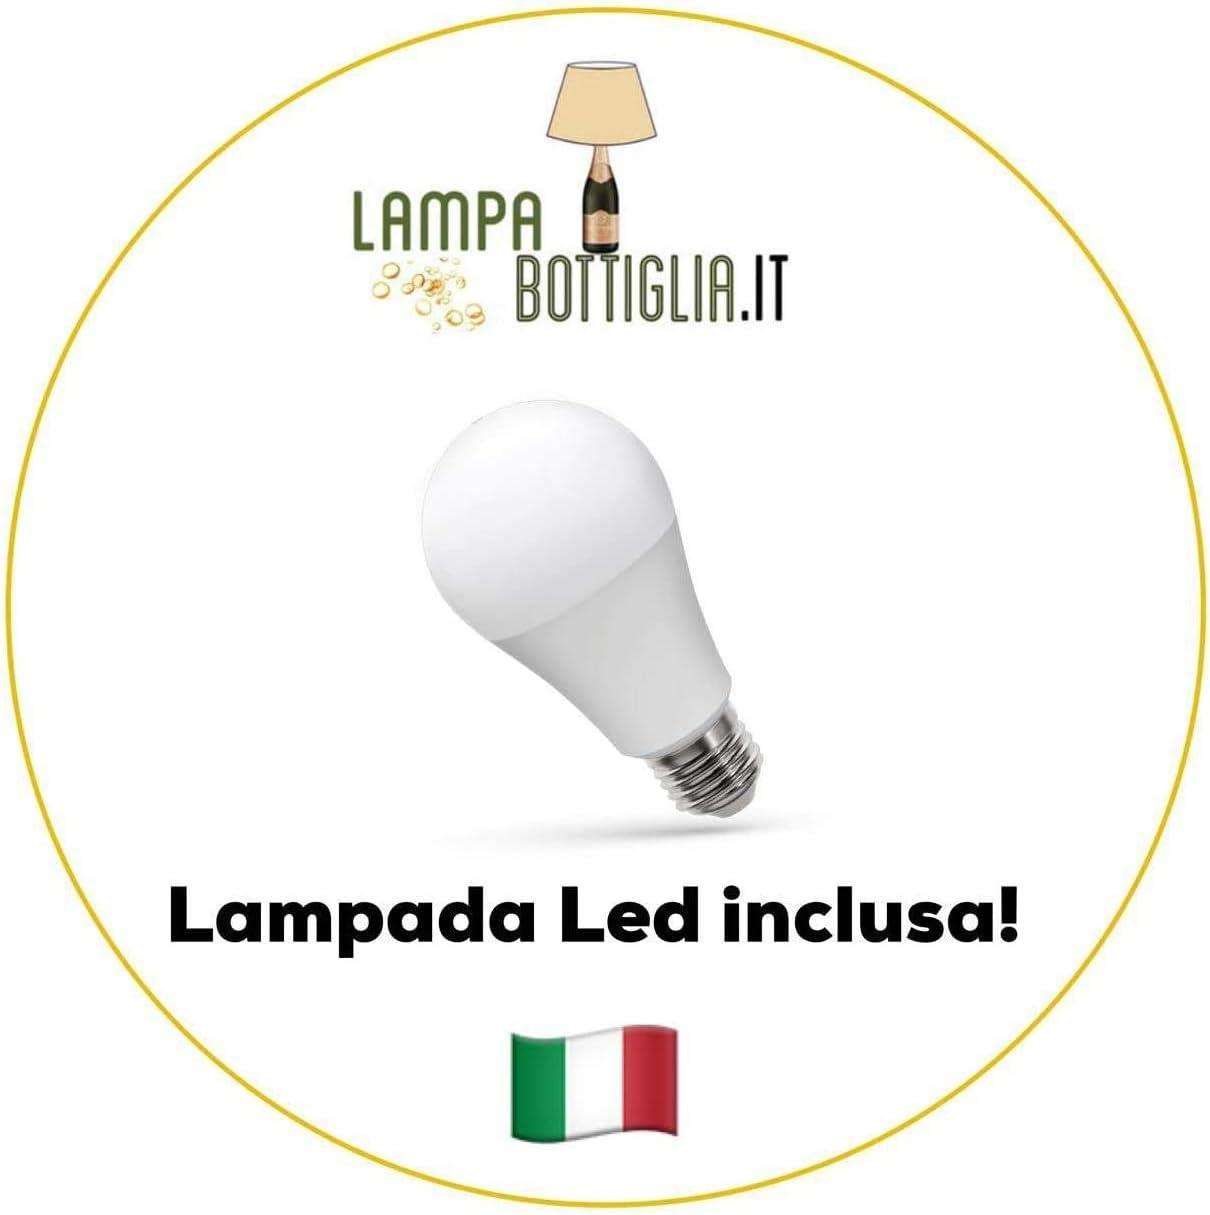 Kit Lampada Bottiglia con Paralume Avorio e Portalampada con filo Trasparente S- Paralume D.20 cm - Portalampada E14 Lampada Led Omaggio